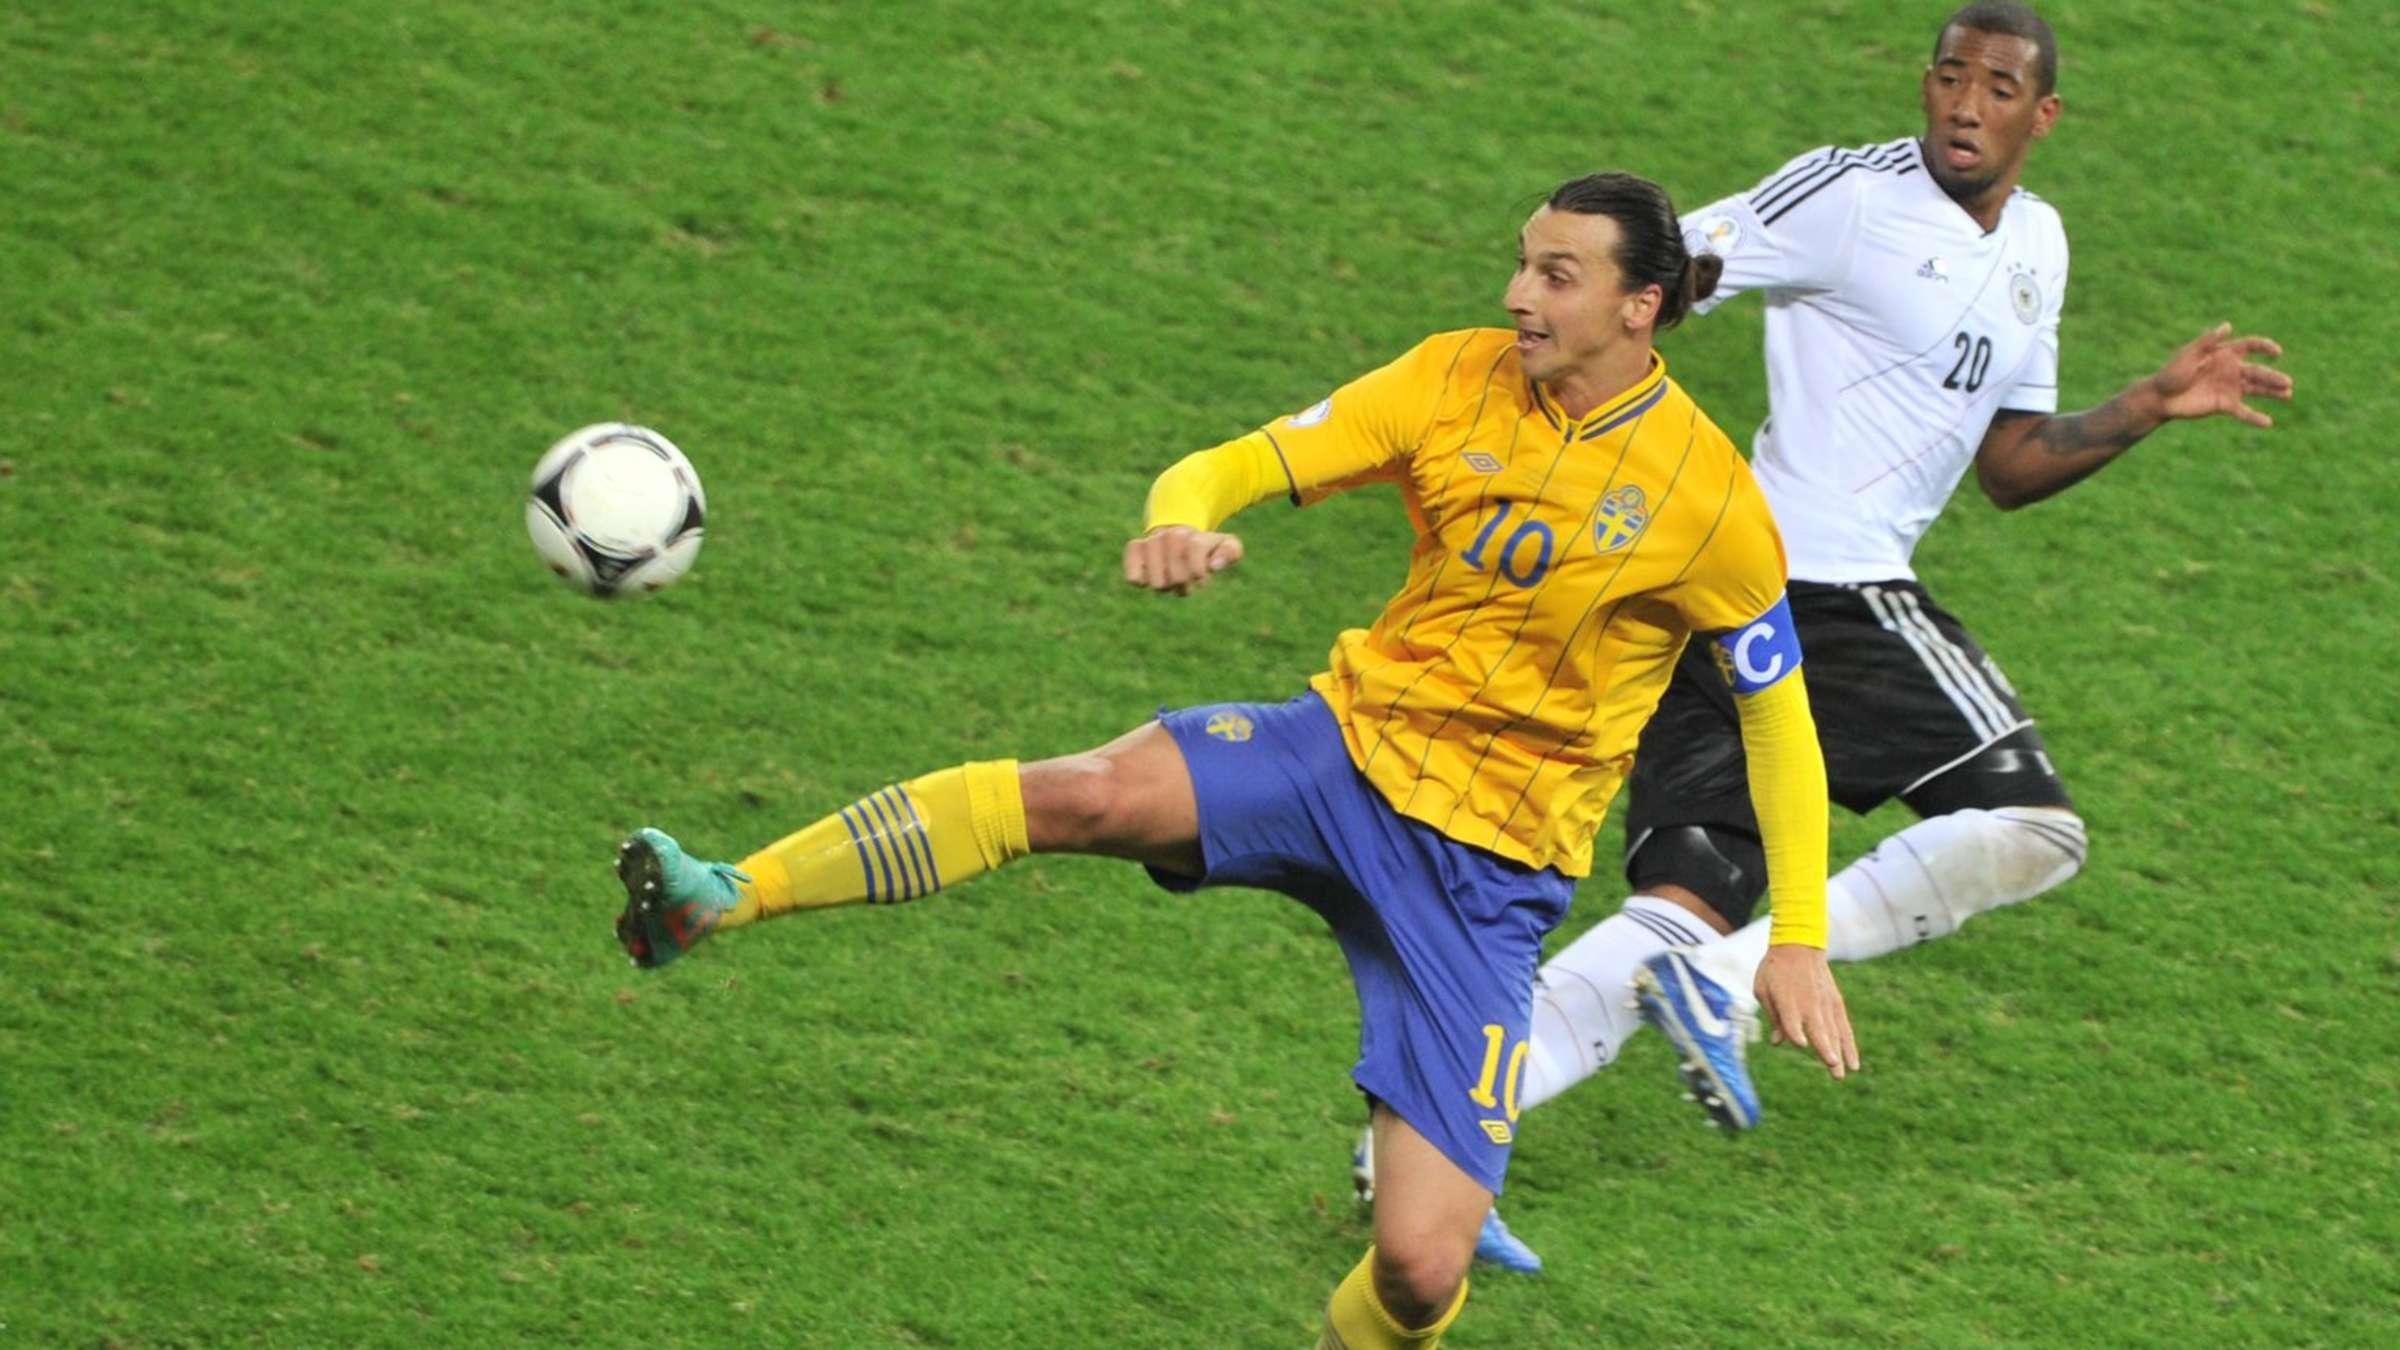 Nur Eine Pflichtspielniederlage Gegen Schweden Fussball